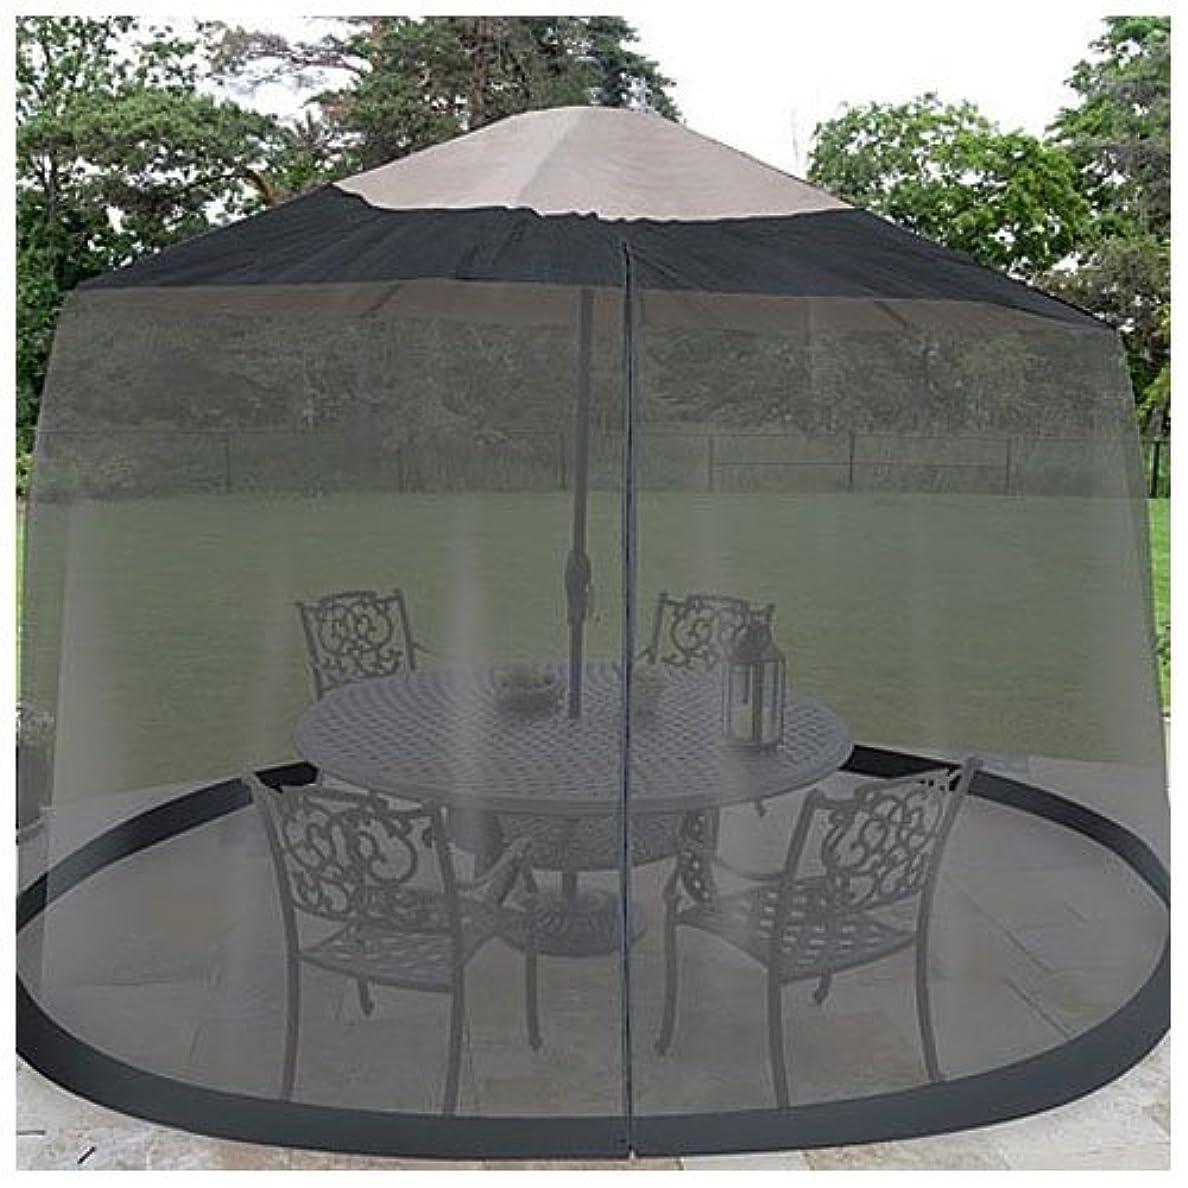 祈る美人憲法Jobar Black Umbrellaテーブルスクリーン、9フィート、ブラック